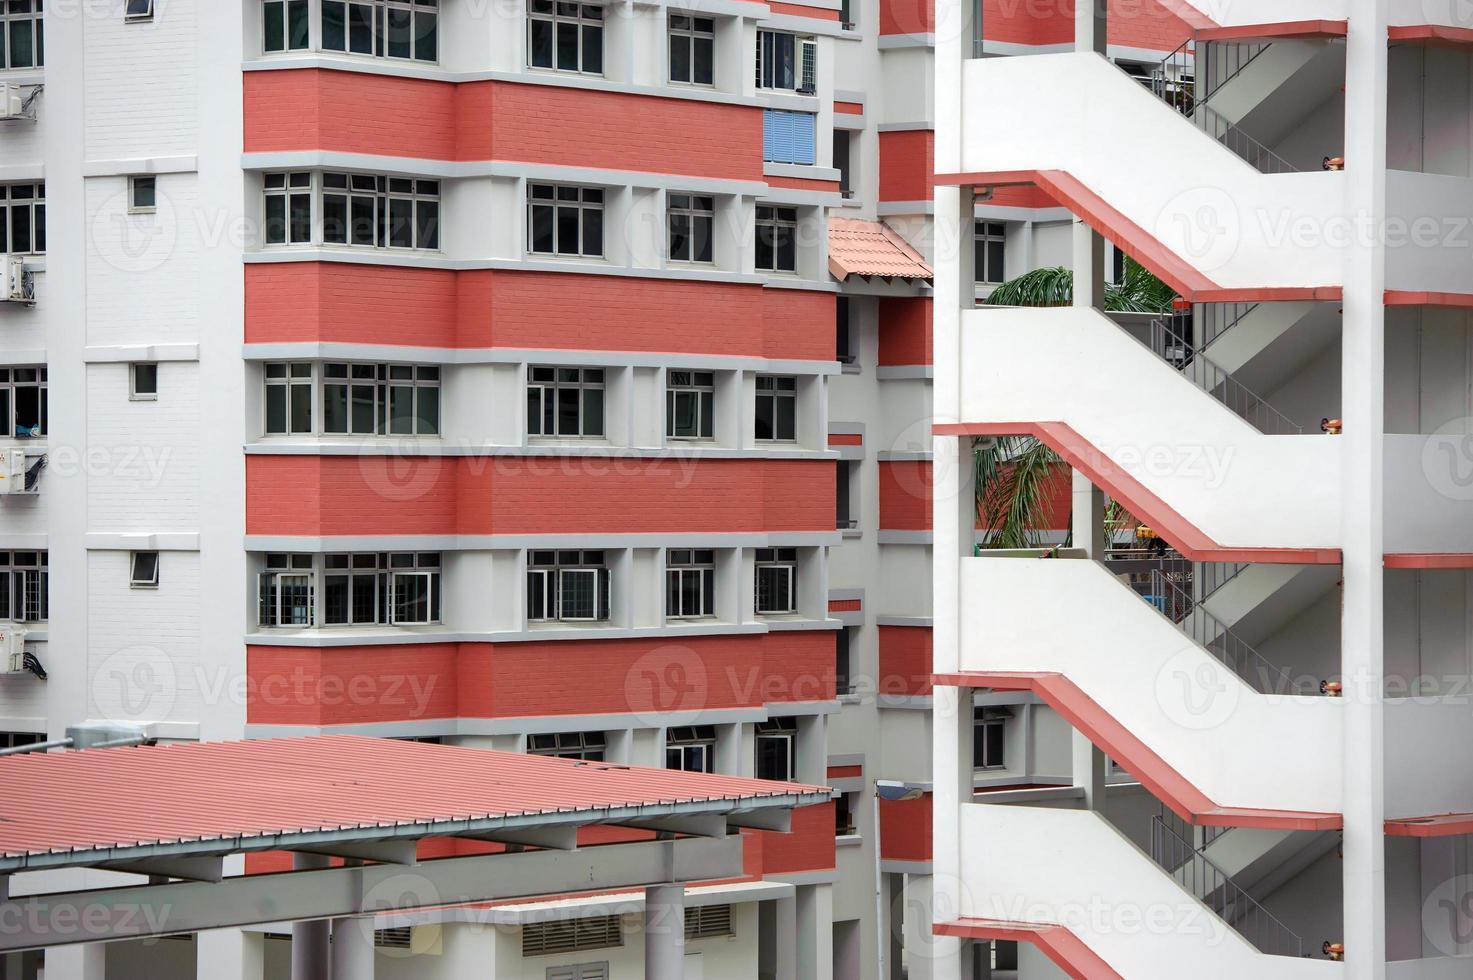 Plano abstracto de vivienda pública en Singapur. foto